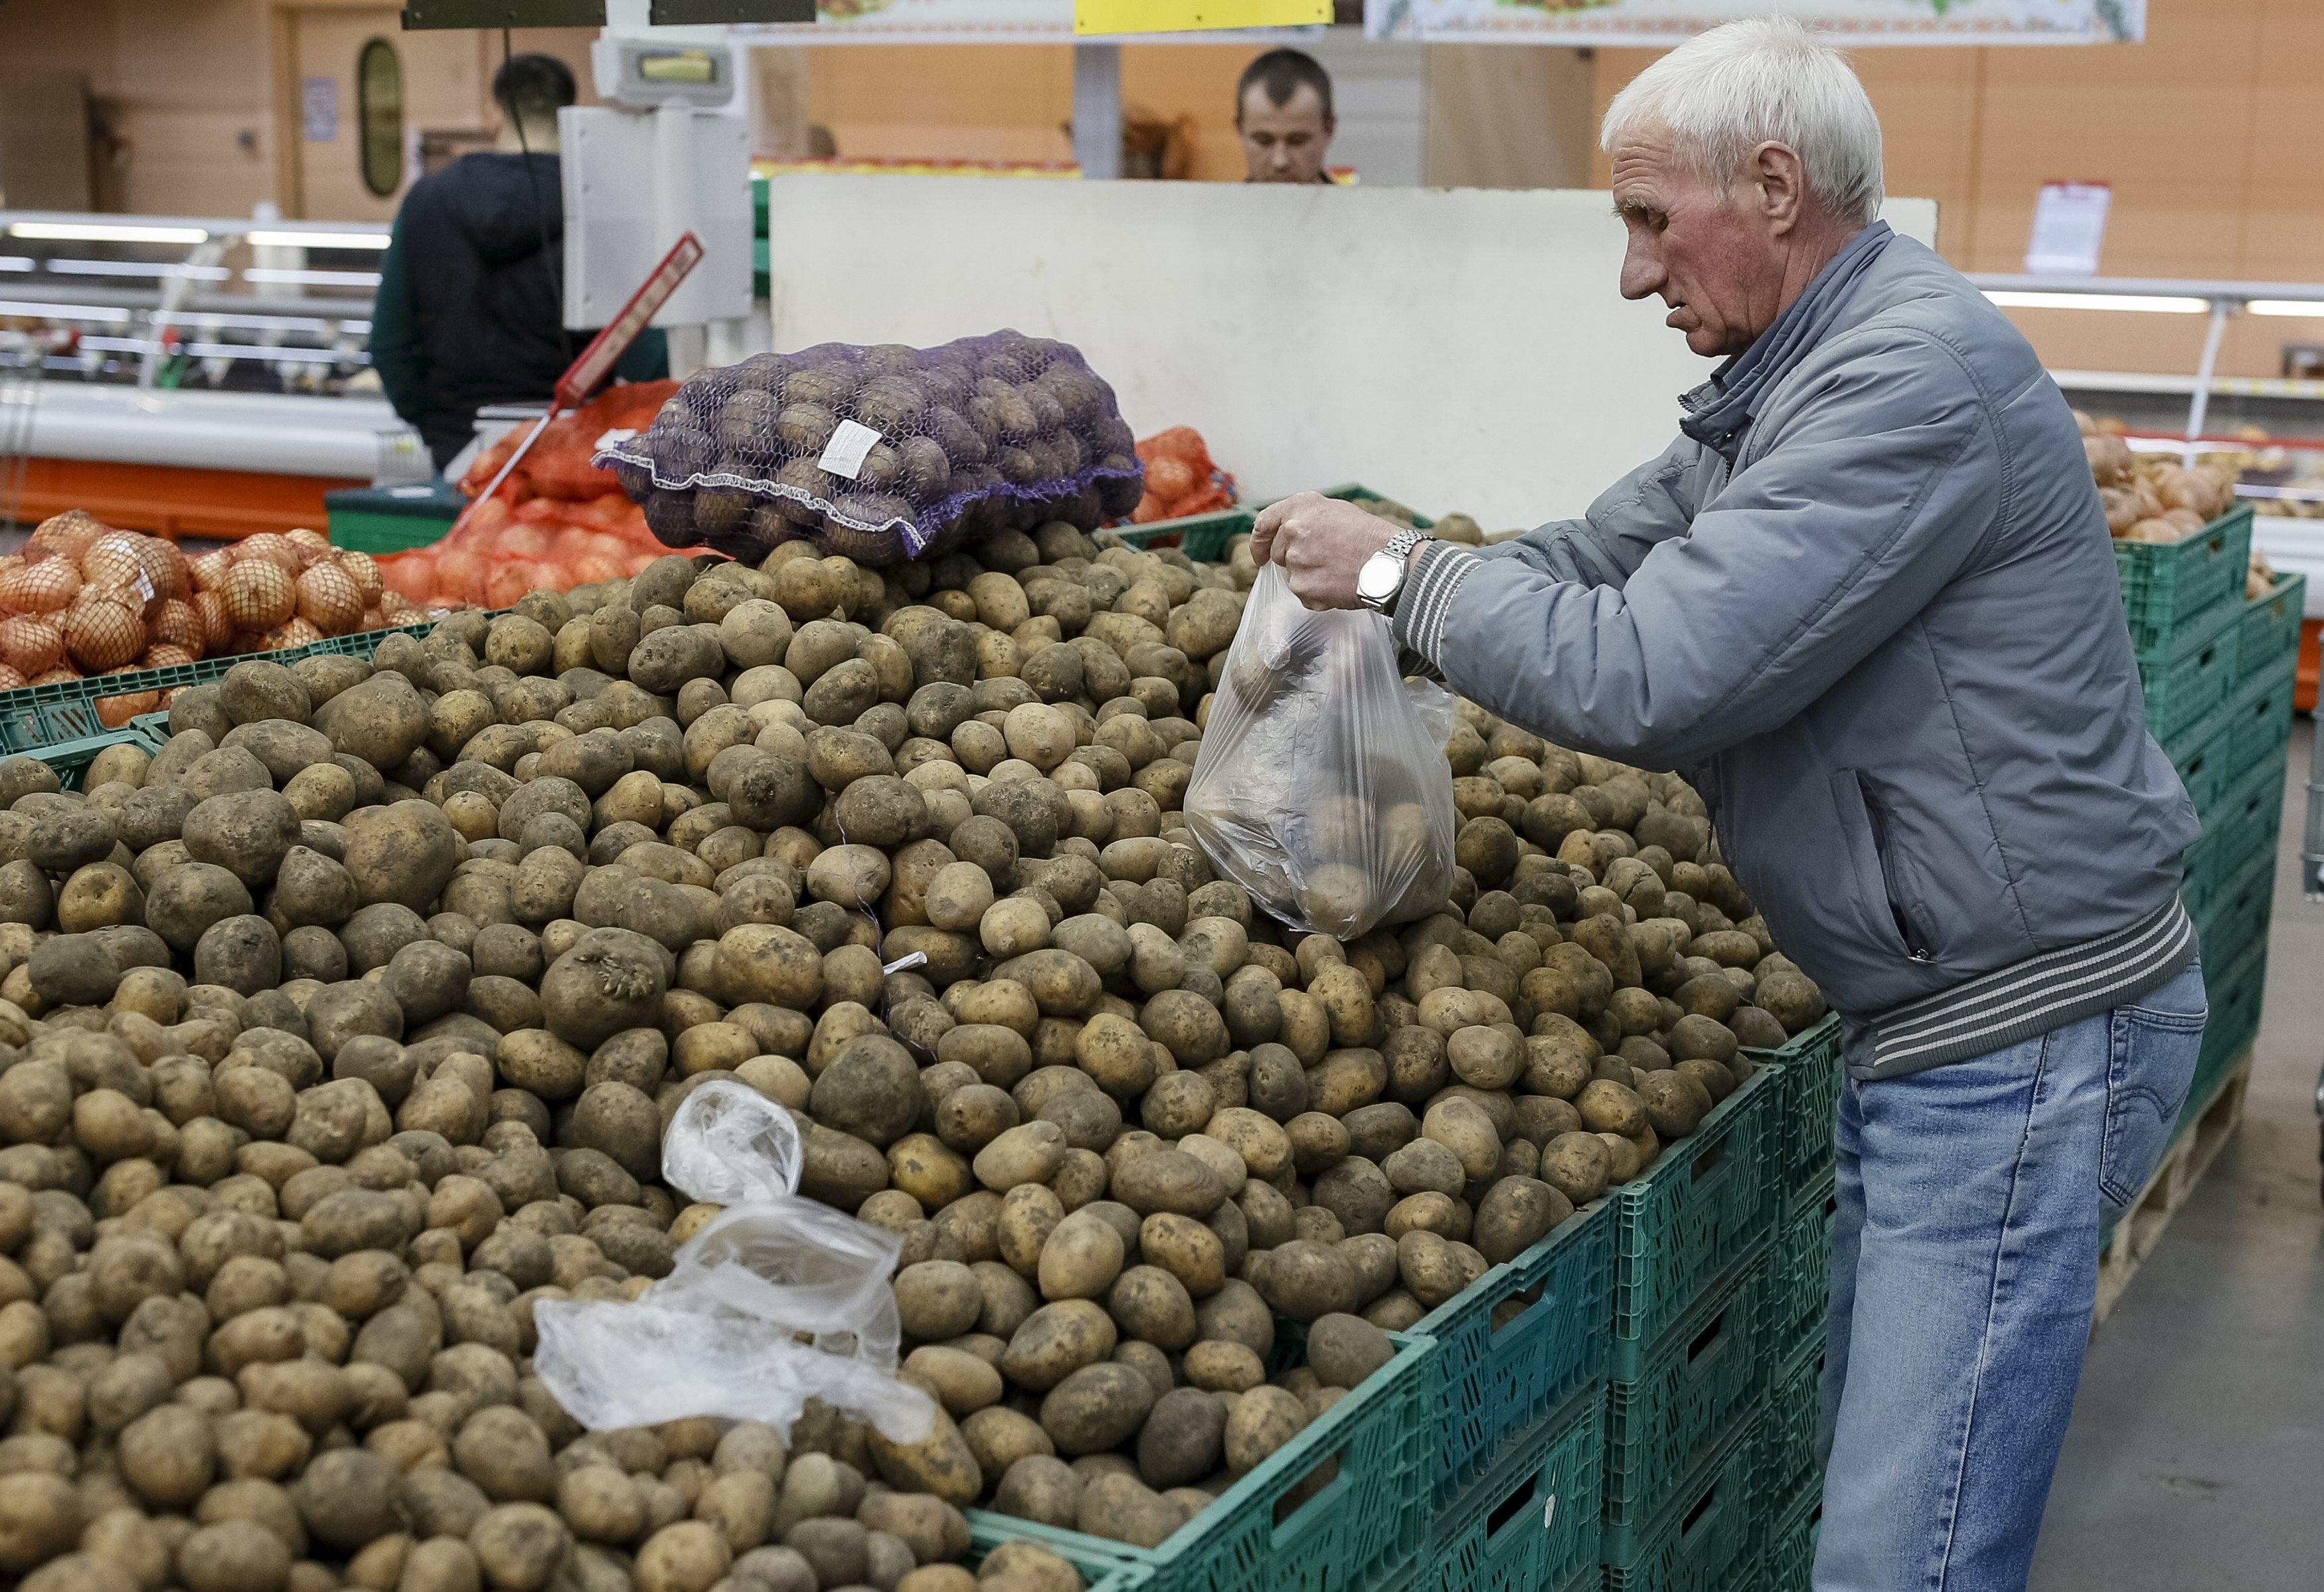 На рынке Украины растет предложение импортного картофеля / Иллюстрация REUTERS